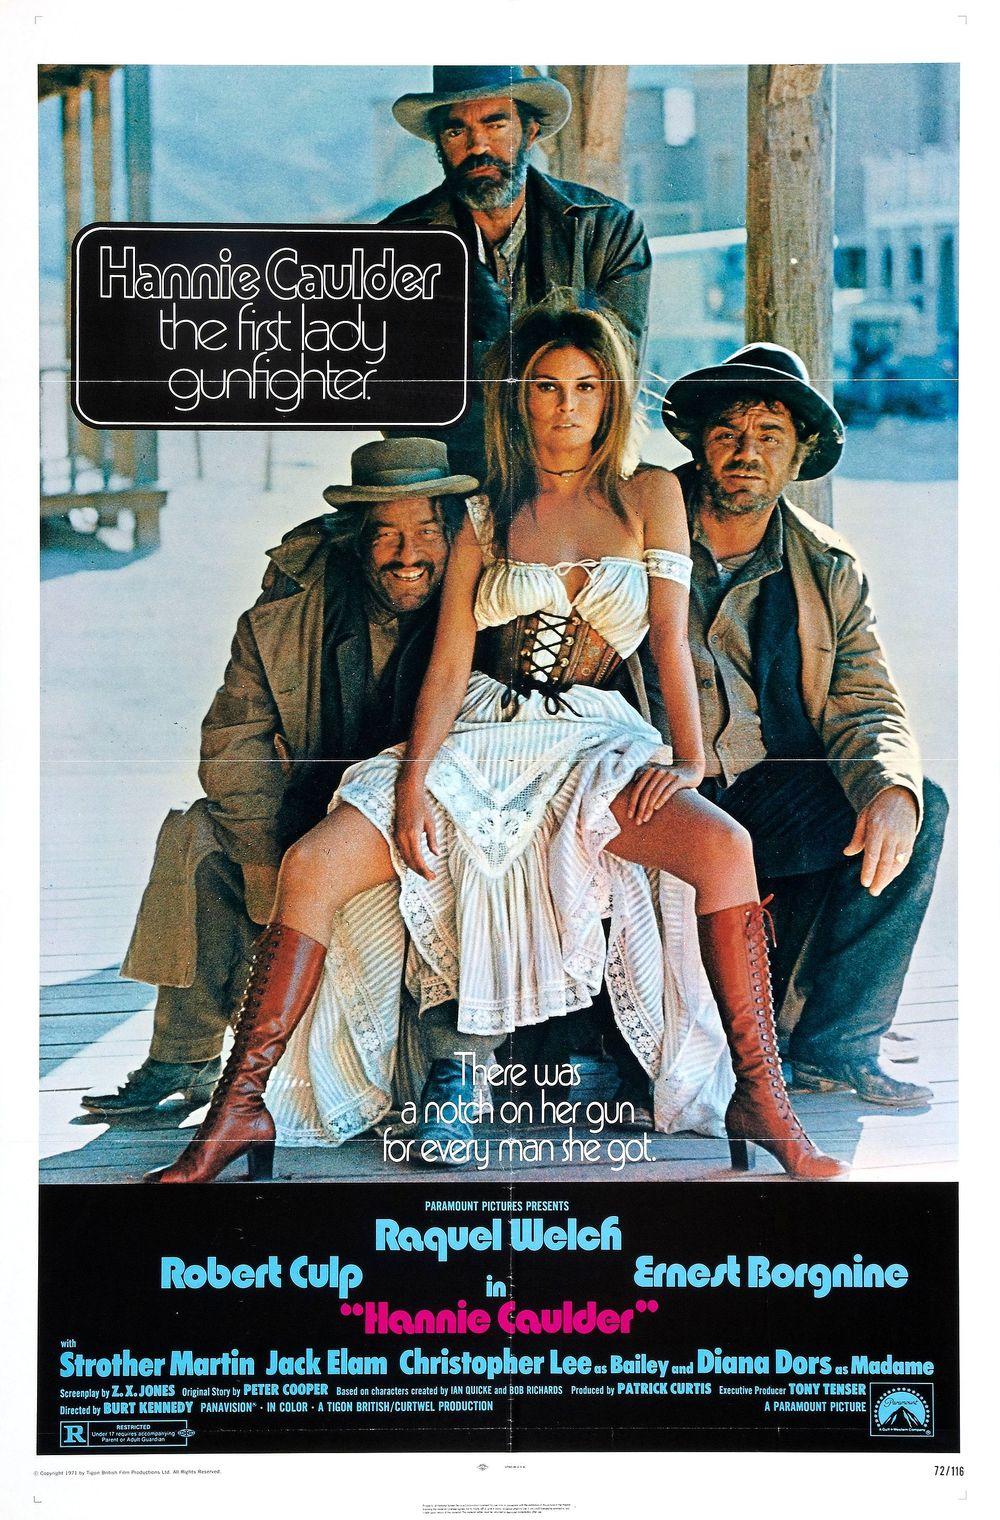 1971, Burt Kennedy